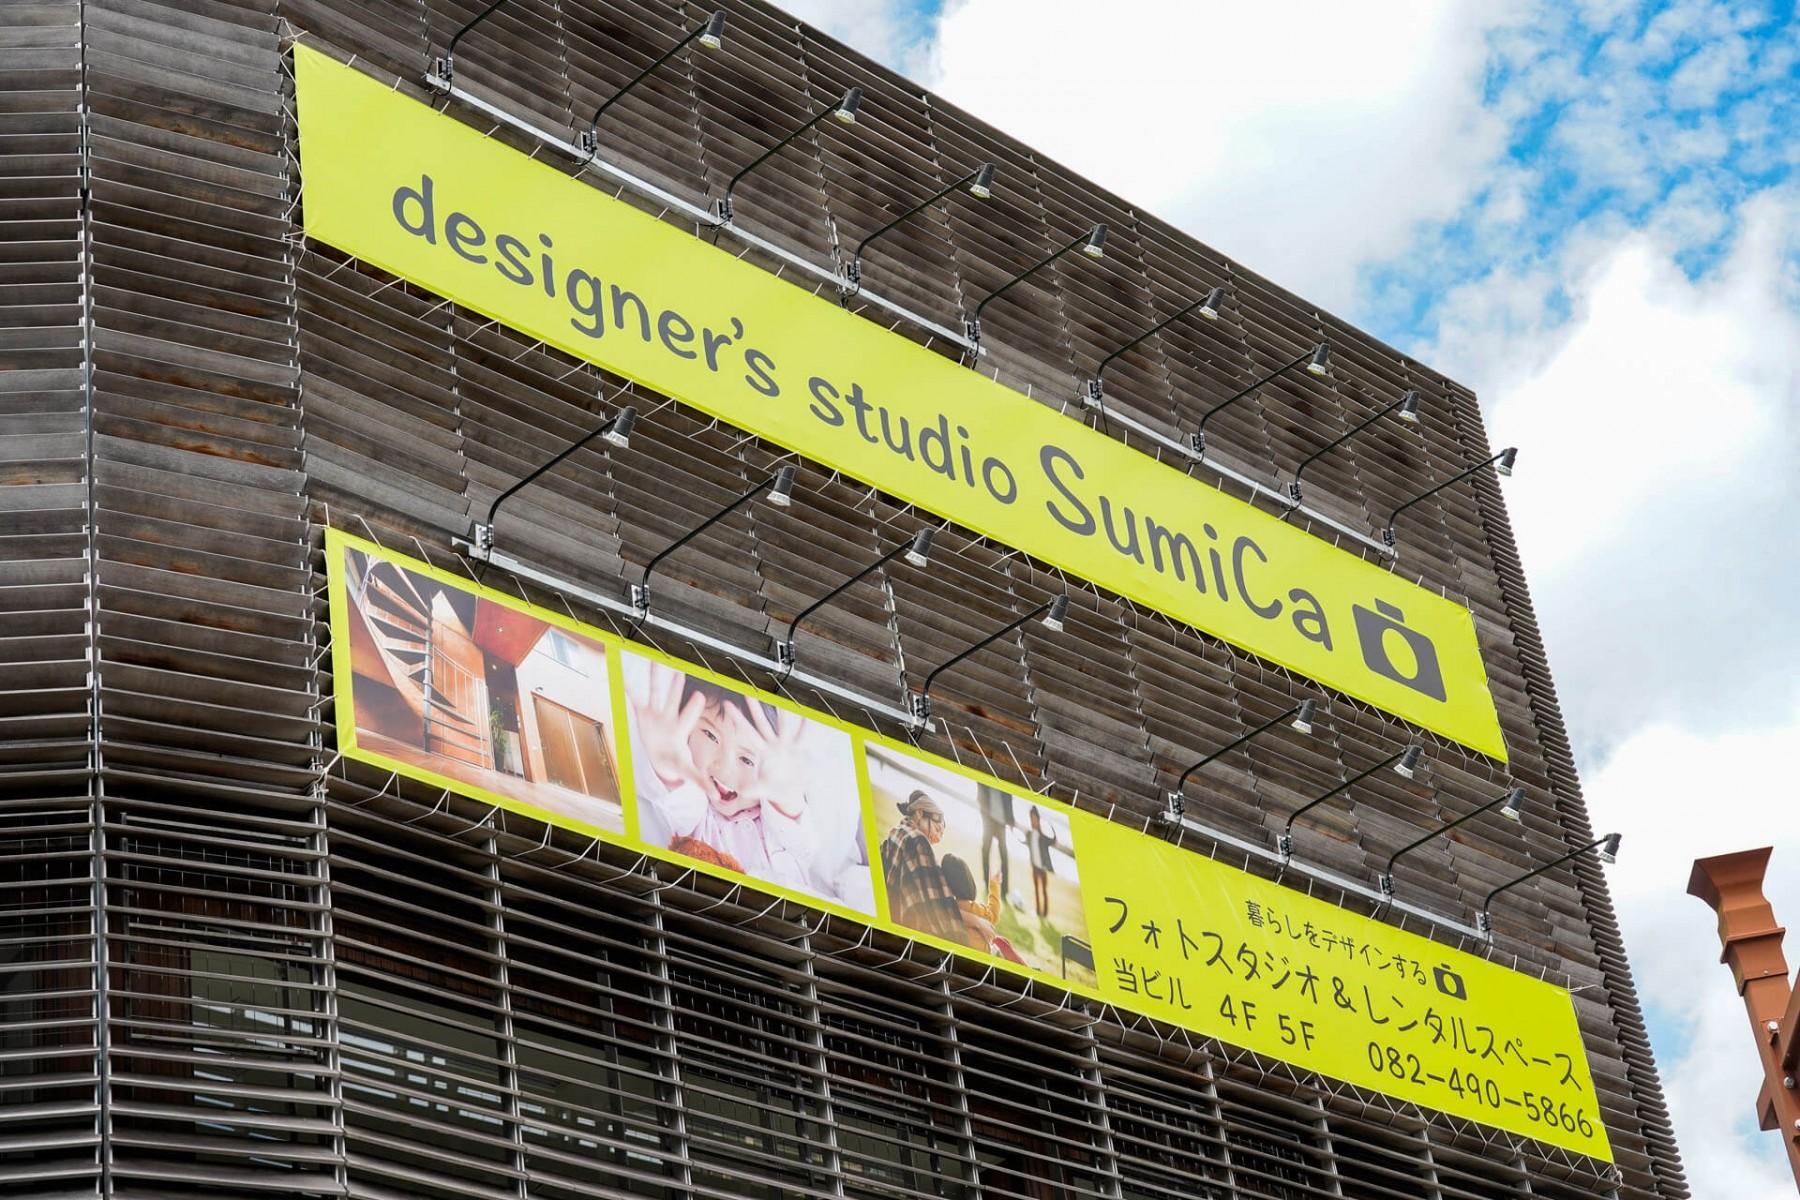 designer's studio SumiCaの外観